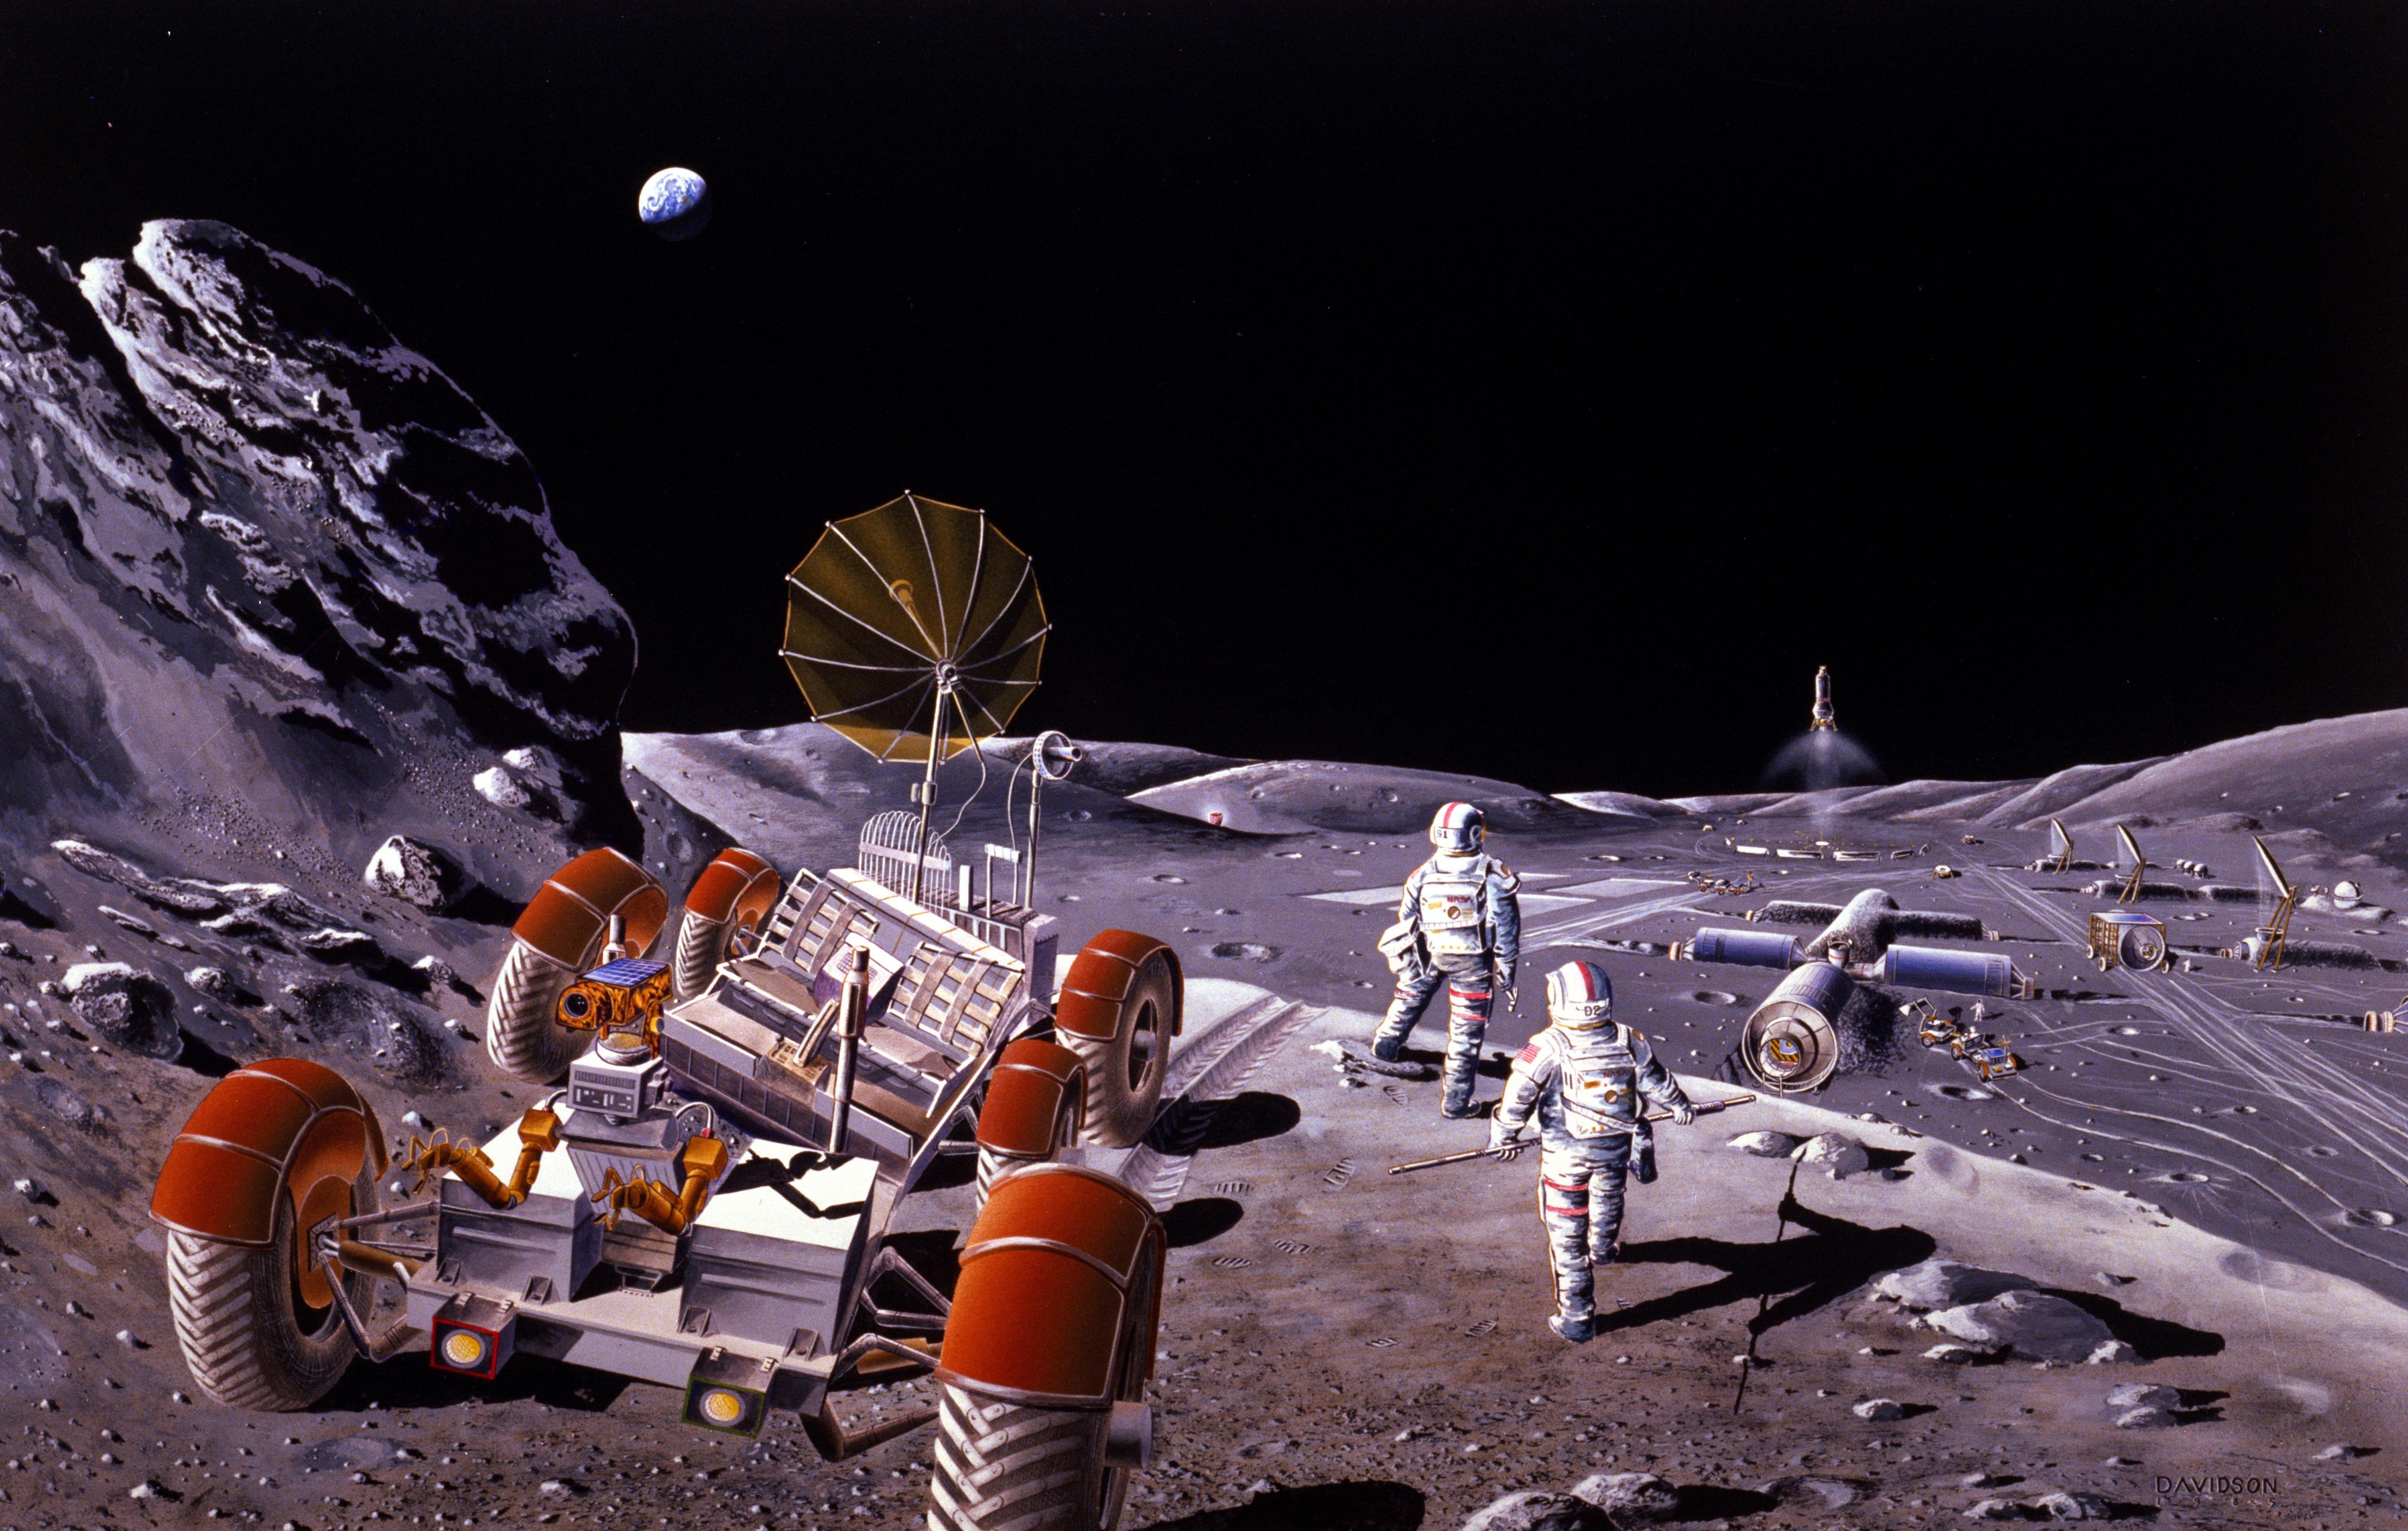 Konsept-kunst fra 1984 som viser månebilen og astronautene på Månen.